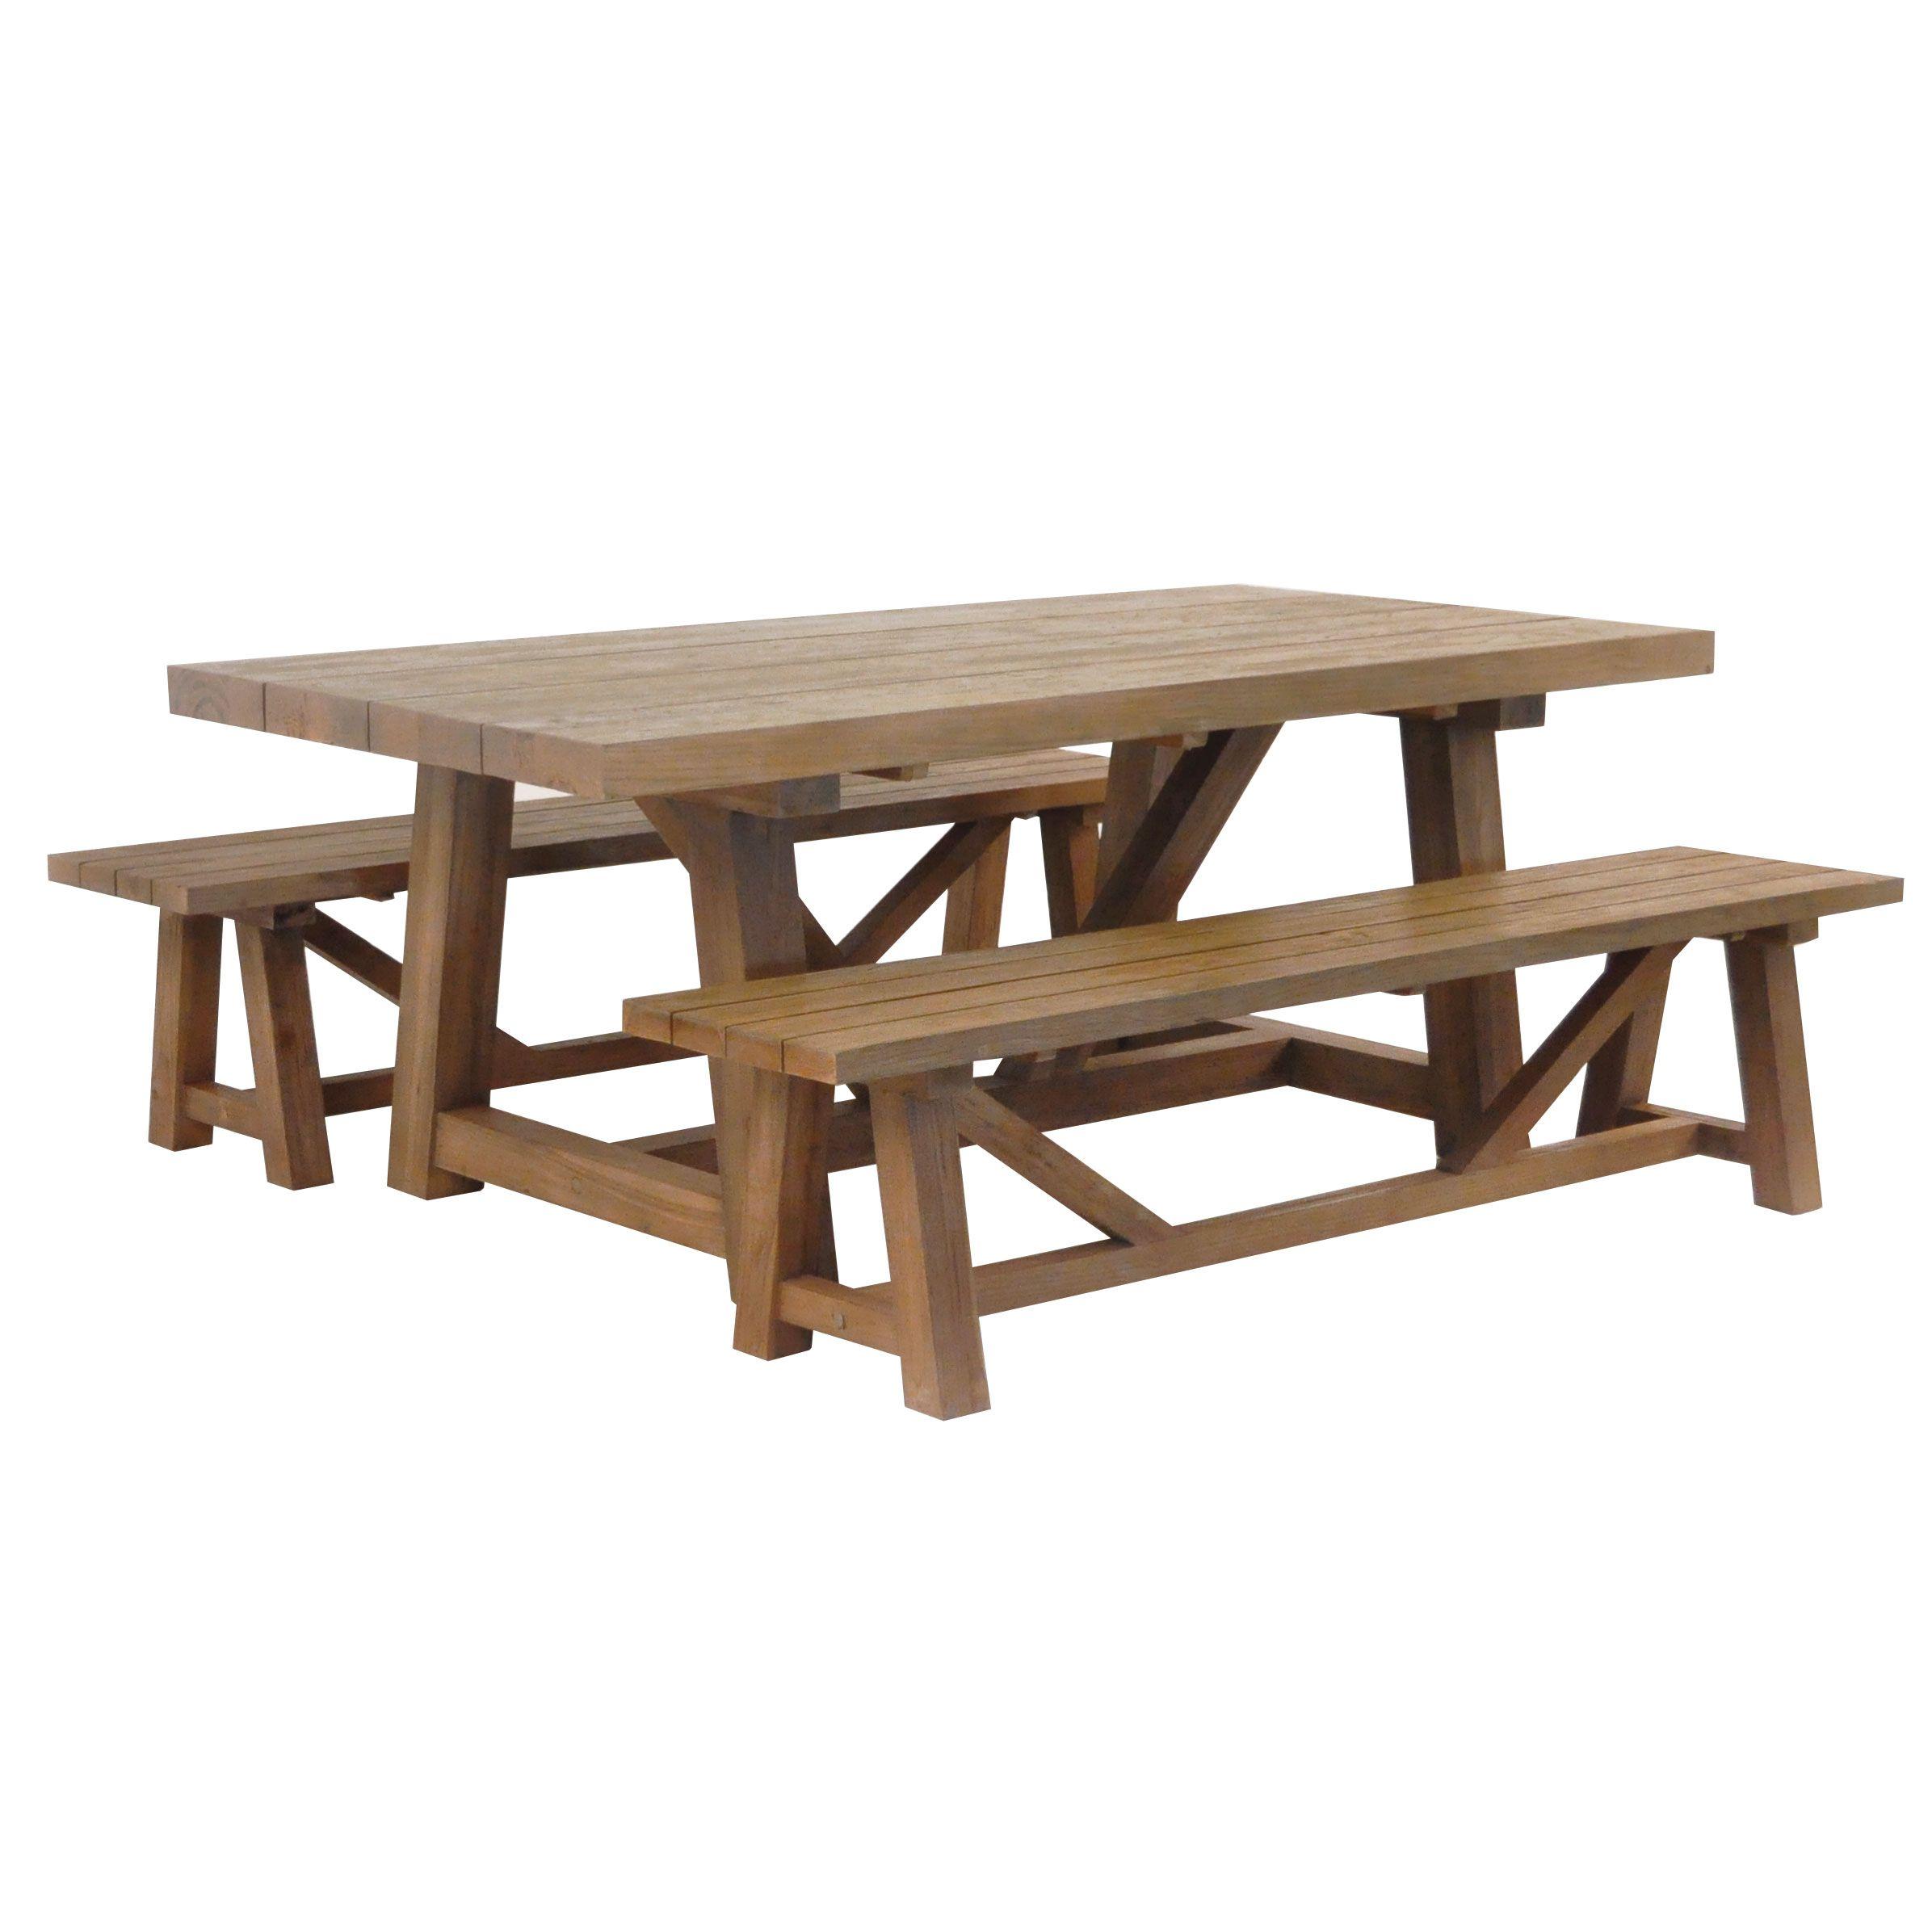 Reclaimed Teak Trestle Table Trestle Dining Tables Dining Table Trestle Table